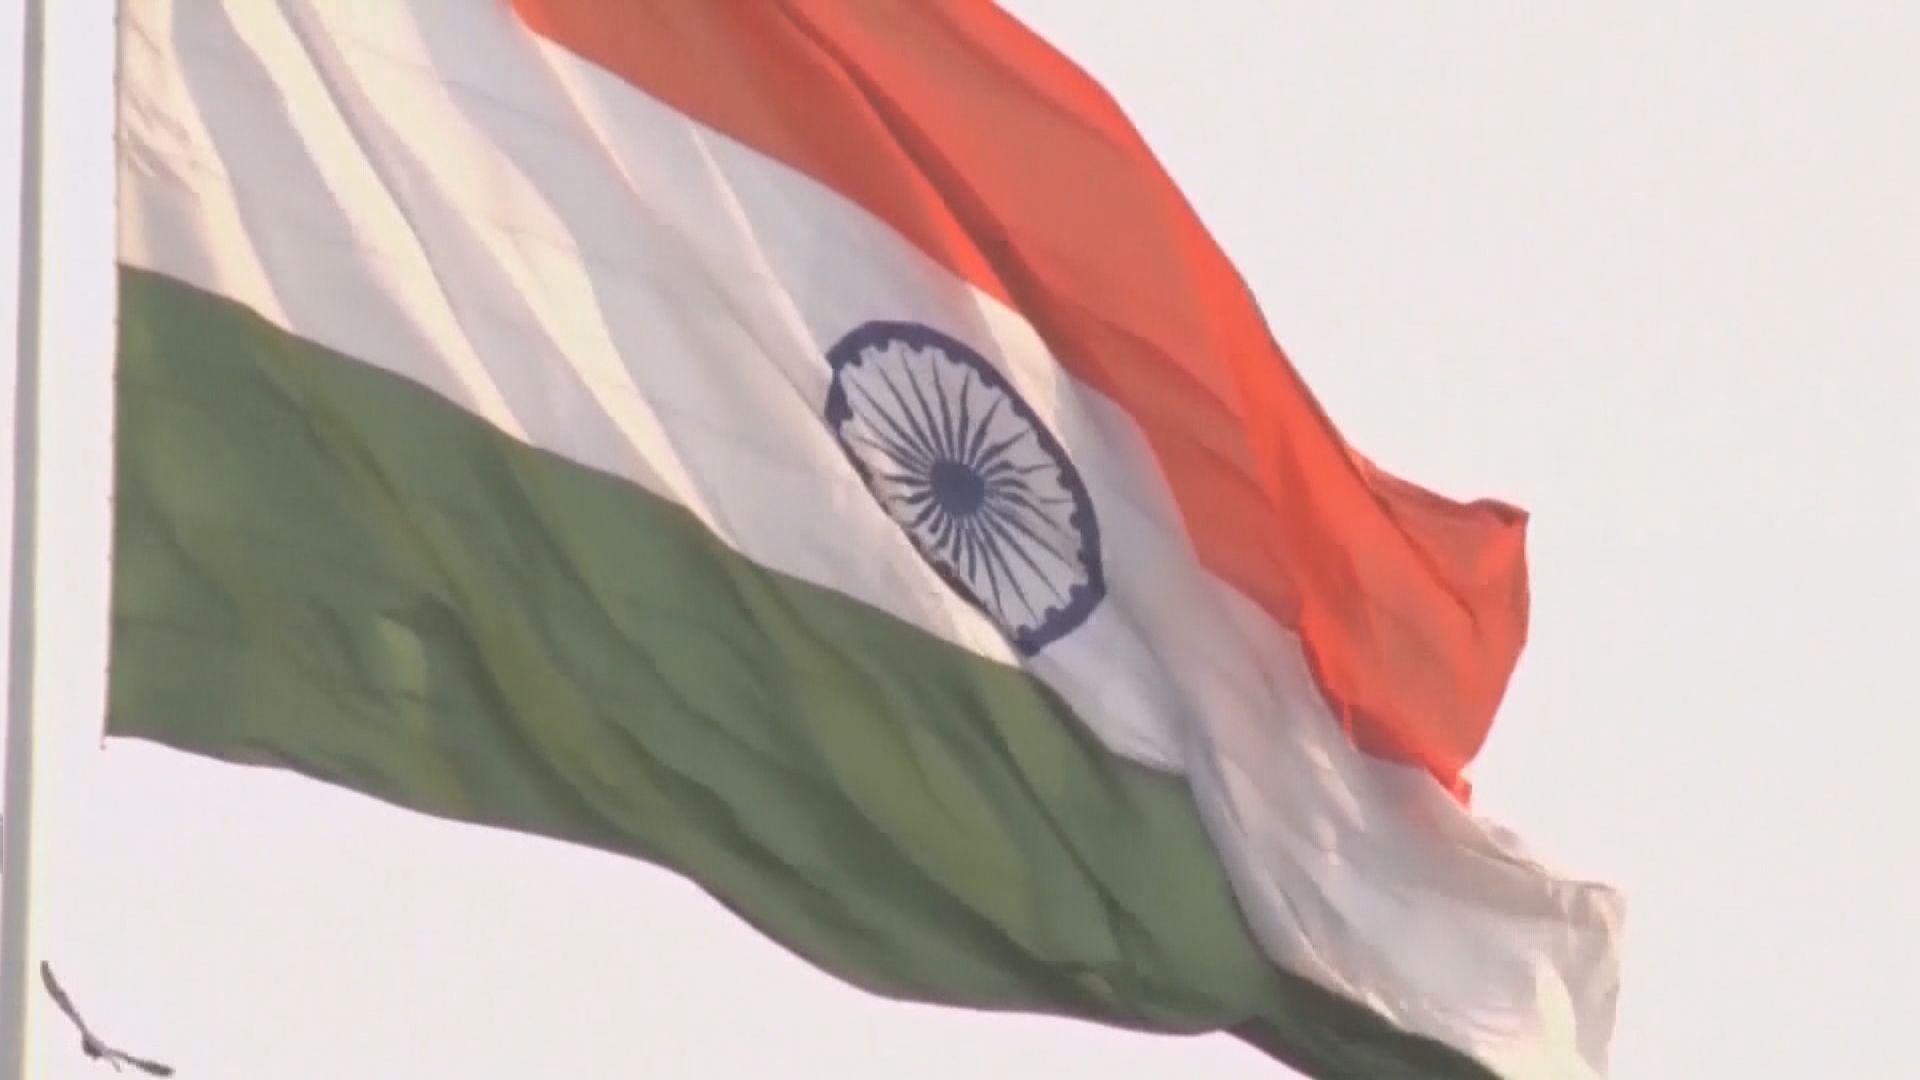 外電:印度擬收緊中國企業營商 涉騰訊、阿里等